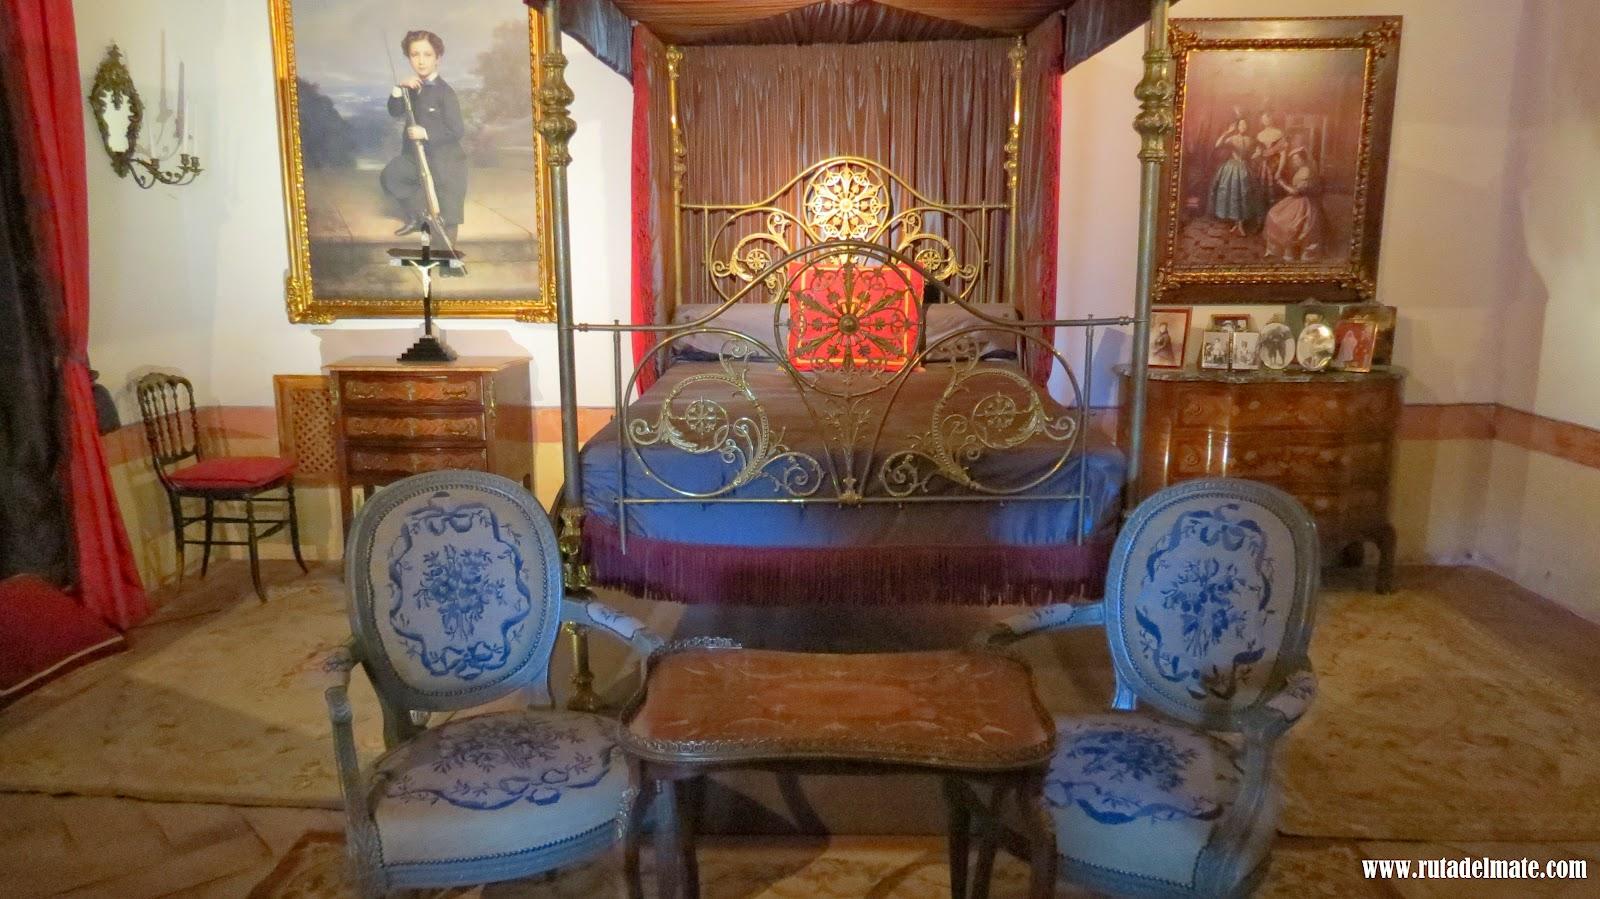 Visitar el castillo de Belmonte por dentro